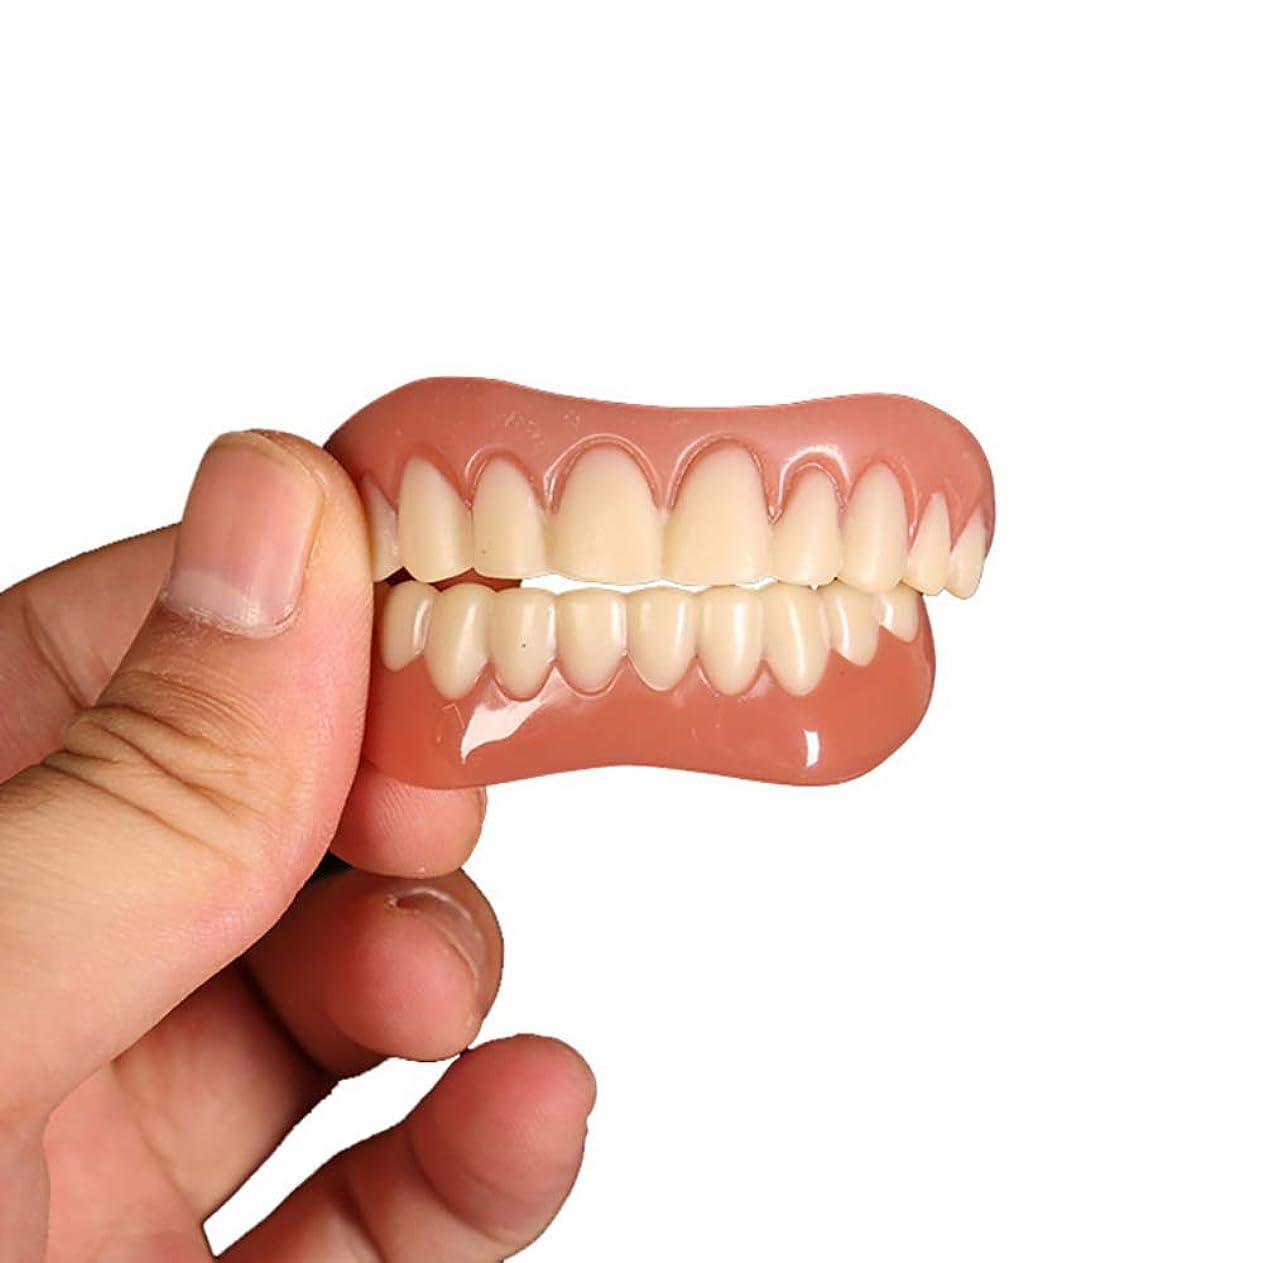 シーボードクレデンシャル頼る2対歯科用ベニア快適なフィット歯のトップとボトム化粧品のベニヤワンサイズフィットすべての義歯接着剤歯偽義歯歯笑顔